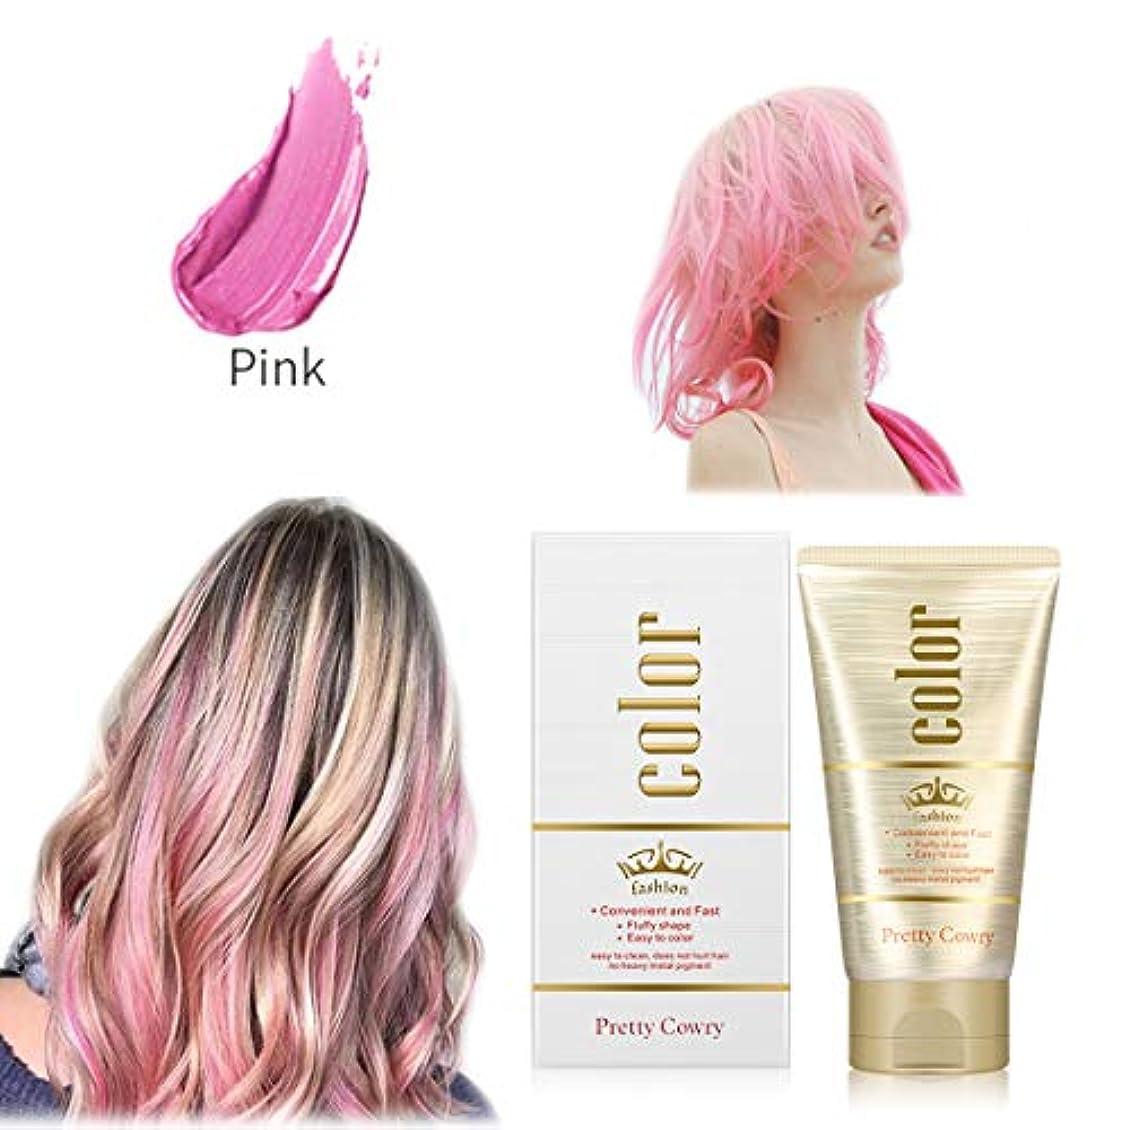 濃度協力達成可能染めヘアワックス、ワンタイムカラースタイリング、スタイリングカラーヘアワックス、ユニセックス9色、diyヘアカラーヘアパーティー、ロールプレイング (Pink)